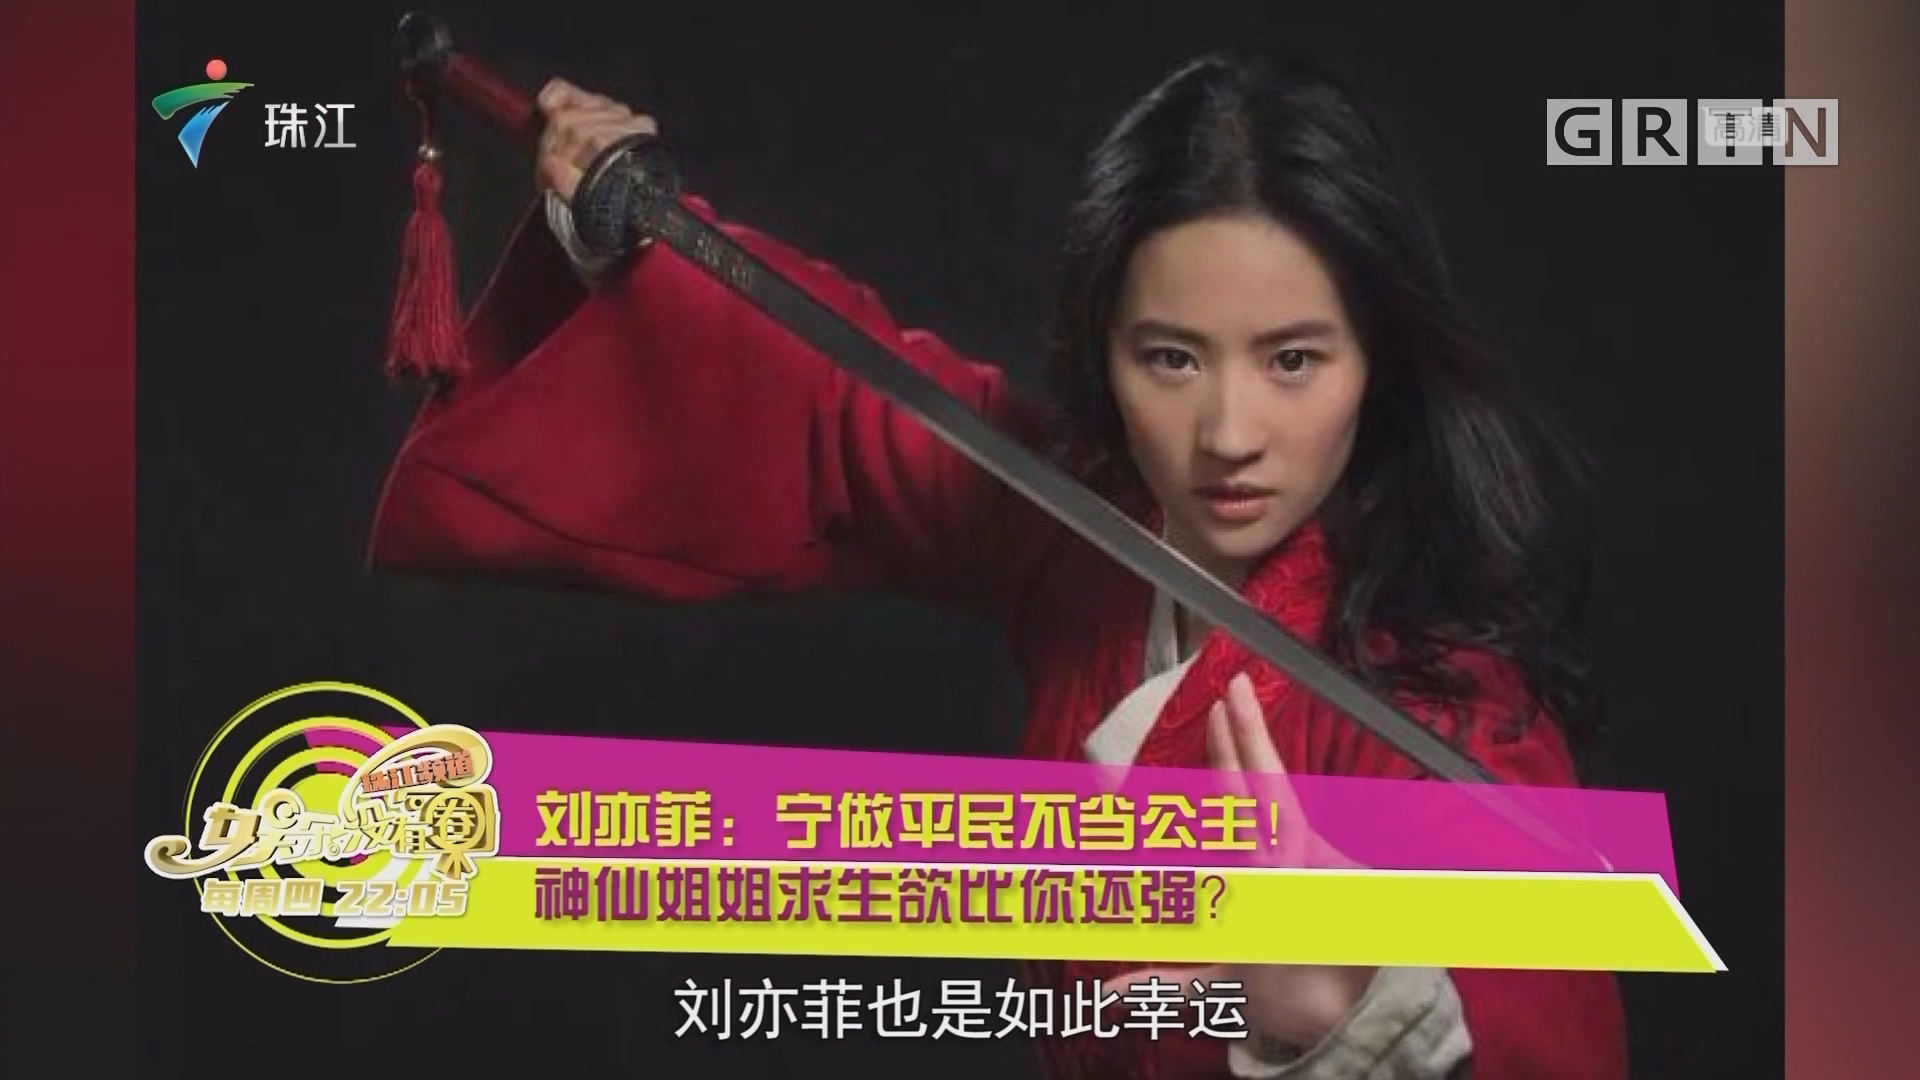 刘亦菲:宁做平民不当公主! 神仙姐姐求生欲比你还强?